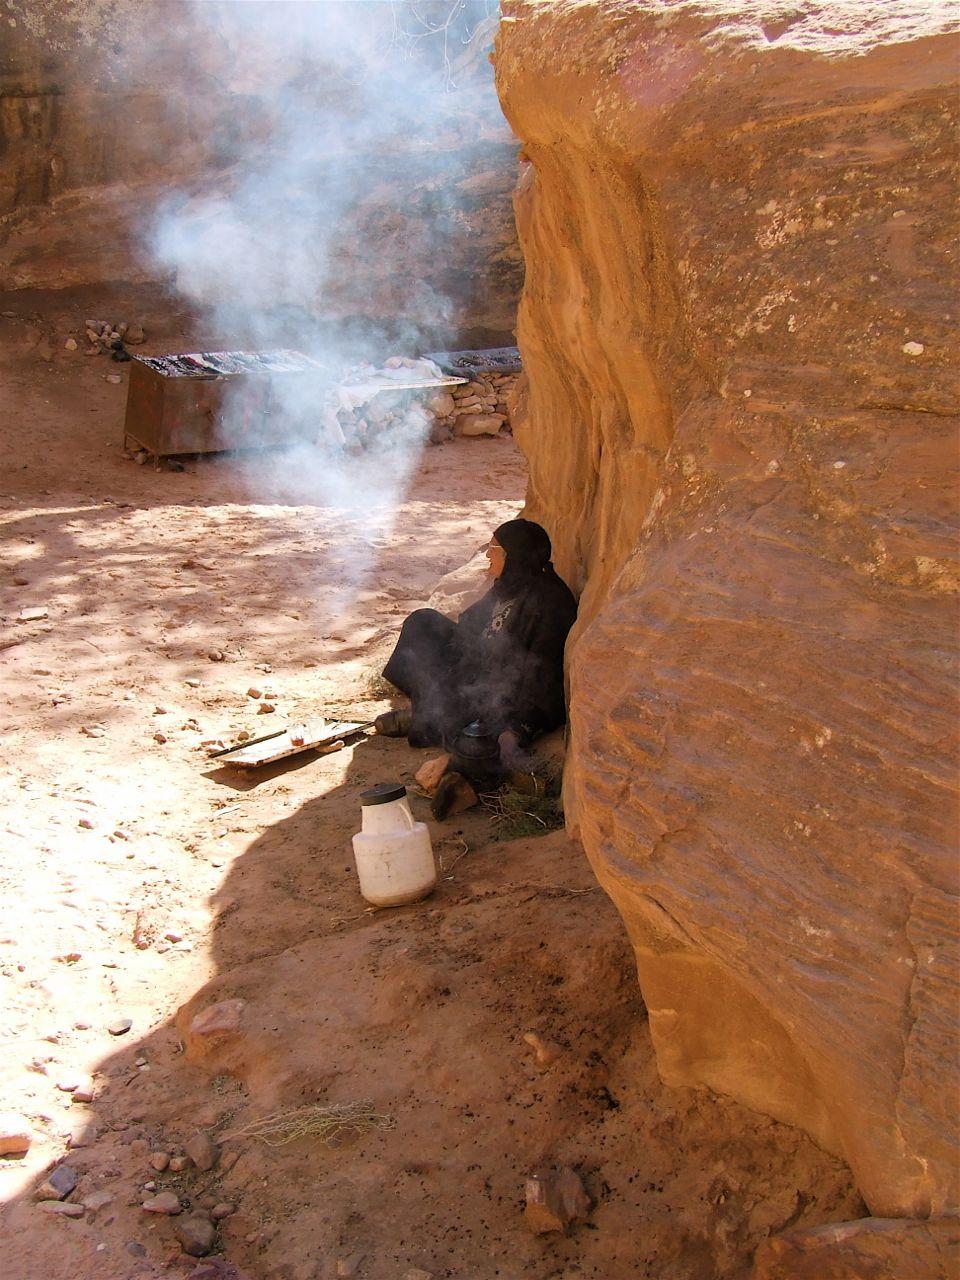 Bedou vendor